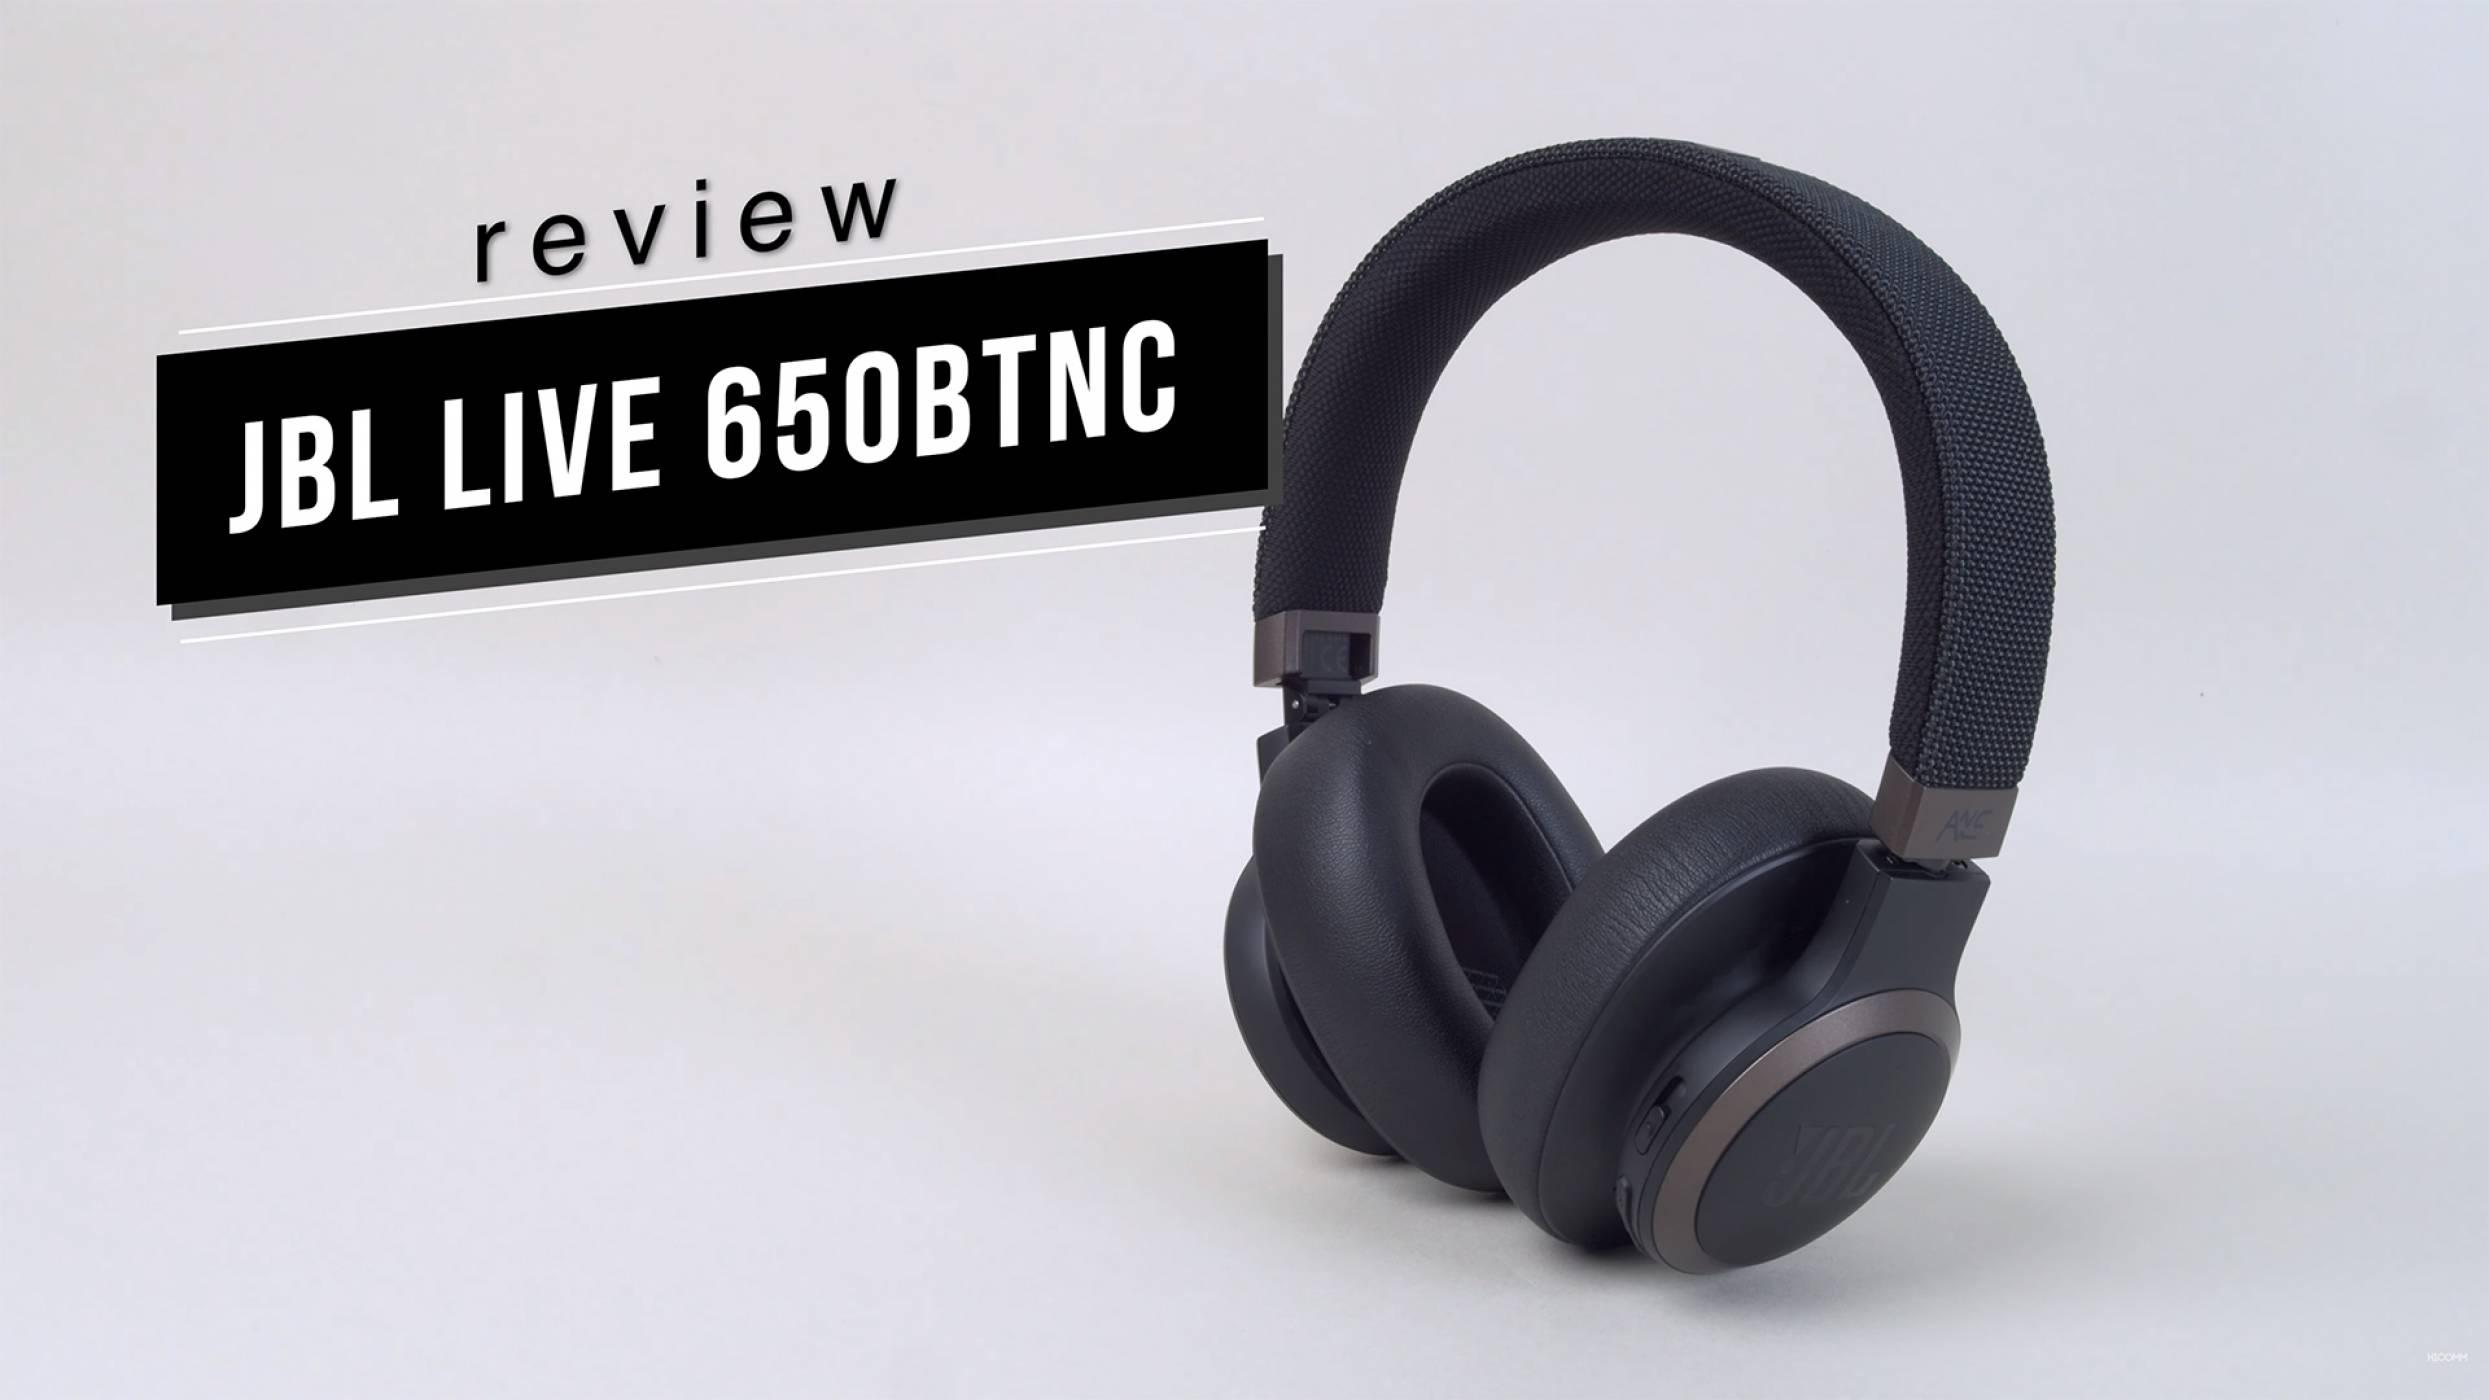 Слушалките на годината (според EISA): JBL Live 650BTNC видео ревю